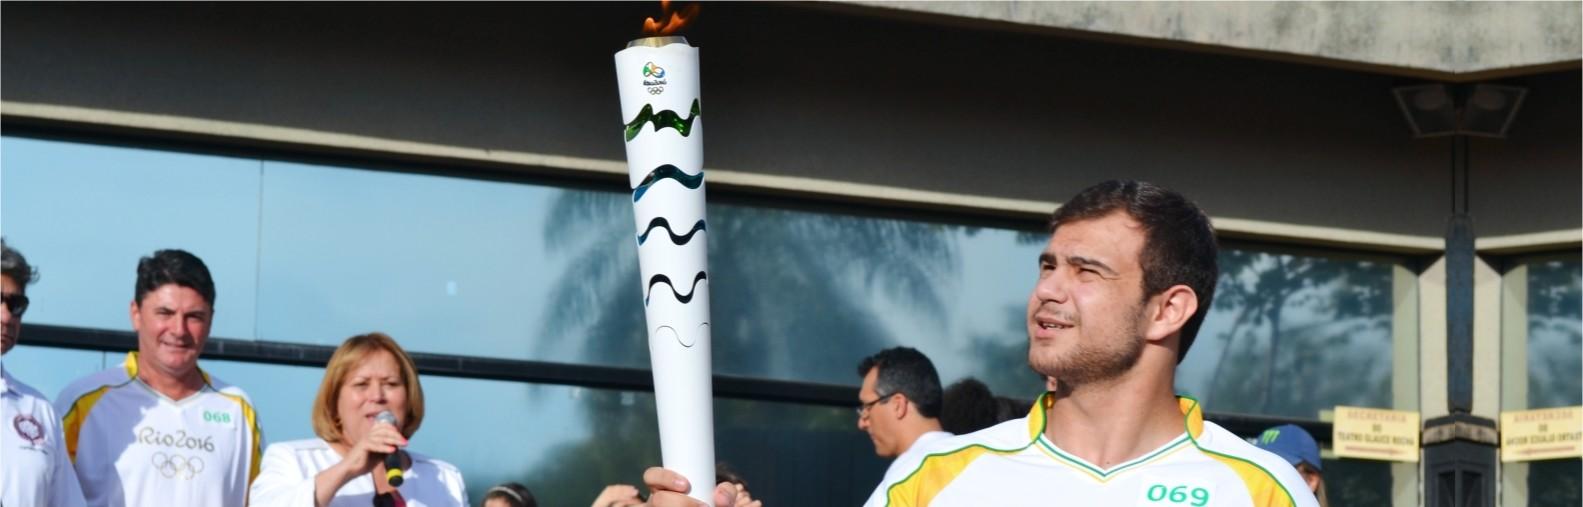 Imagem de um jovem segurando a tocha olímpica.